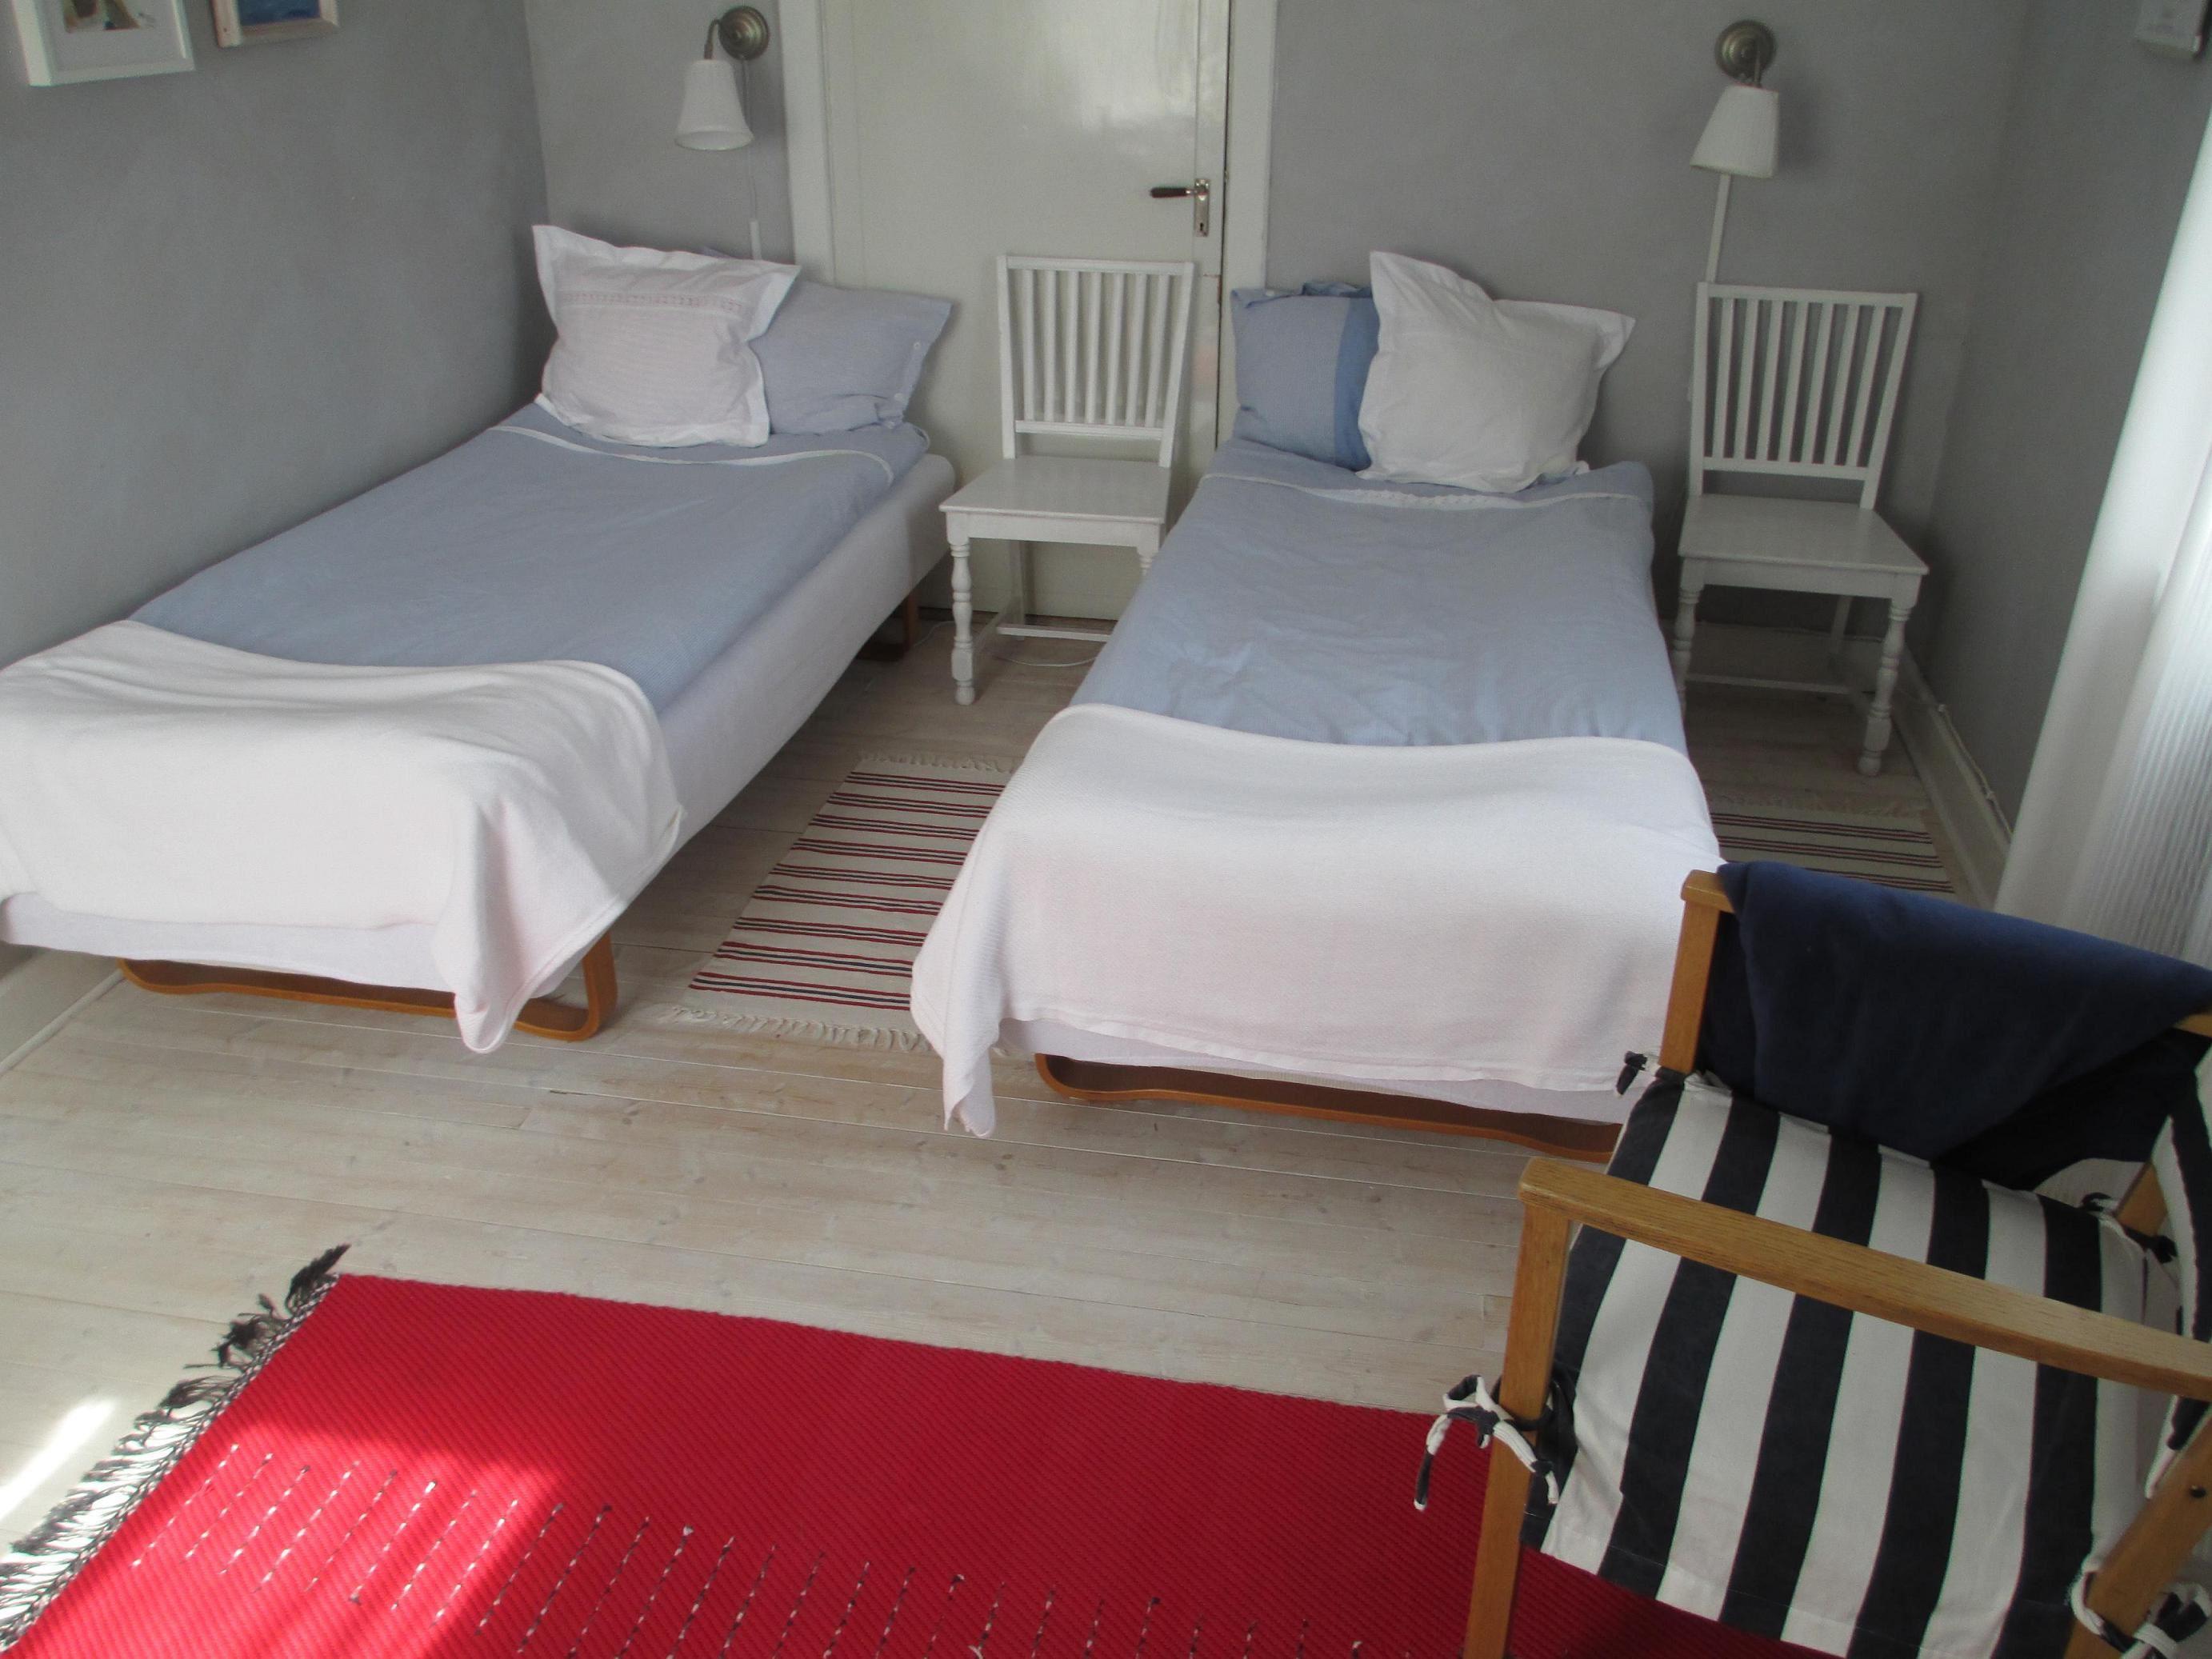 foto: Lisa Reil, Bed & Breakfast Åsäng Höga Kusten - blå rummet